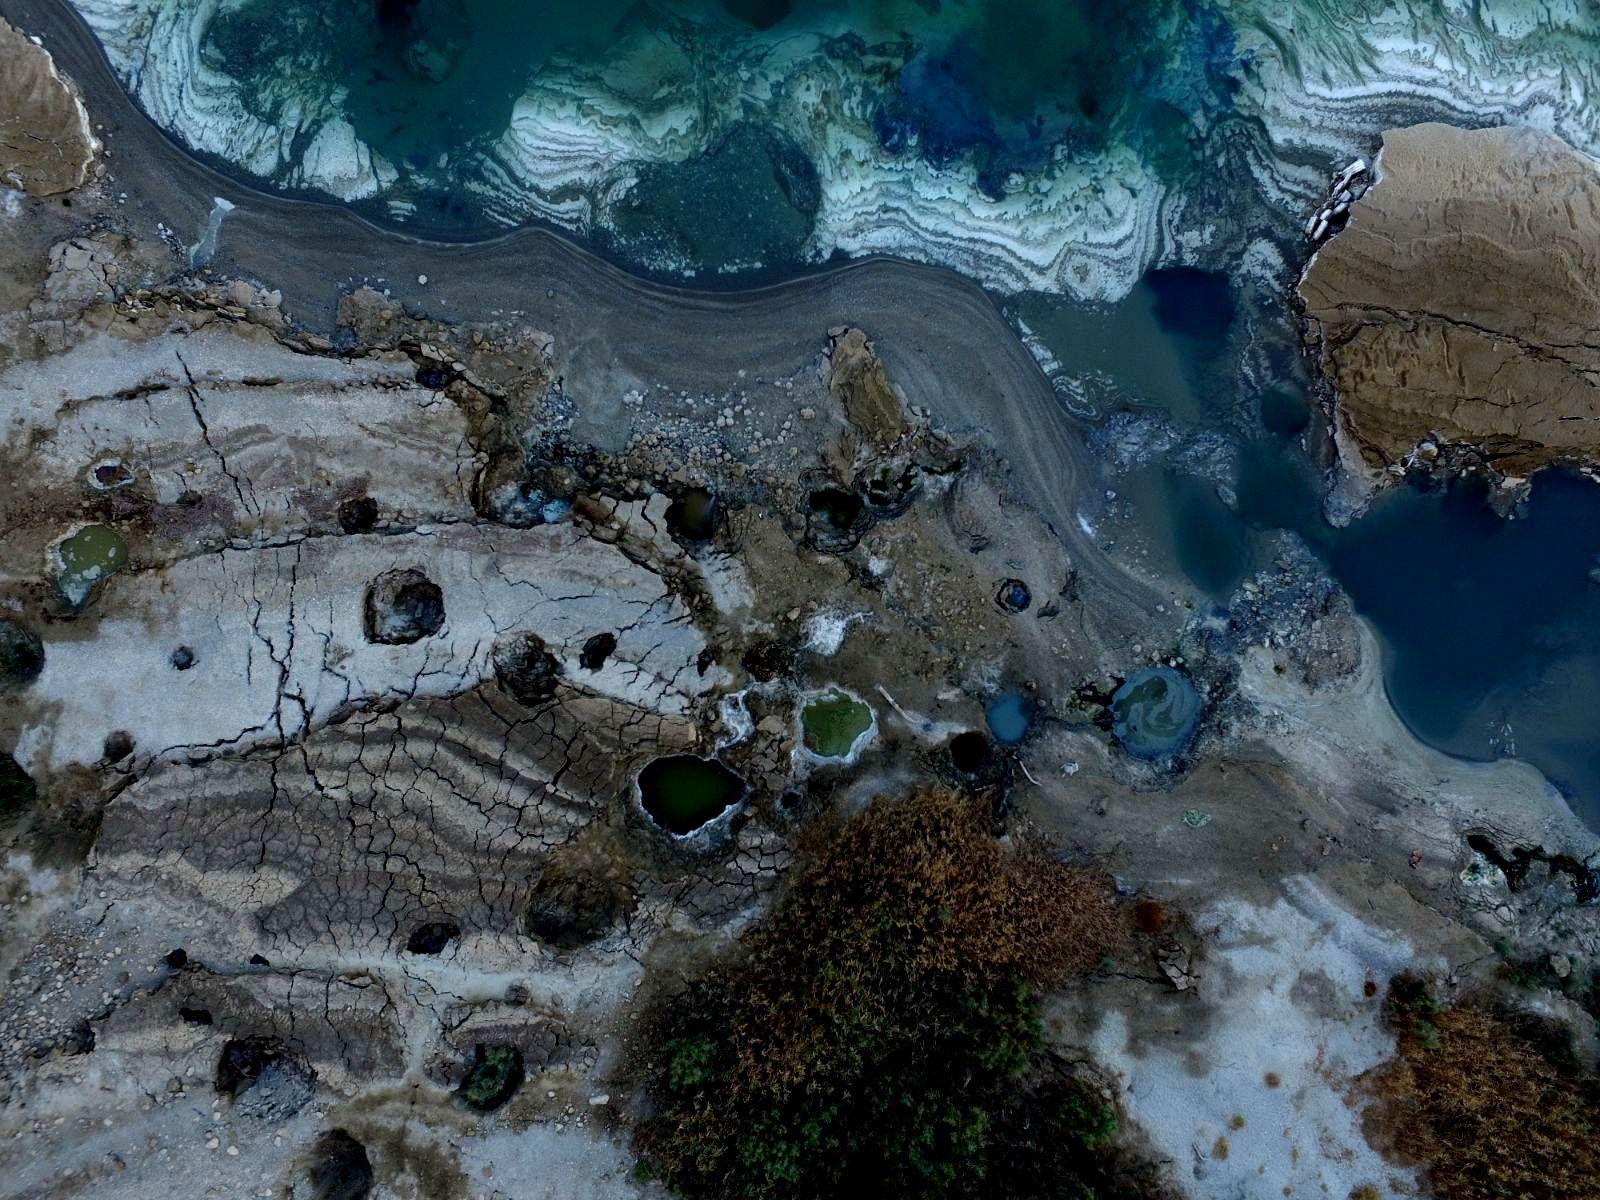 ים המלח מזווית אחרת: צילומי הרחפן של האחים דרור (צילום: עומר דרור וניצן דרור)